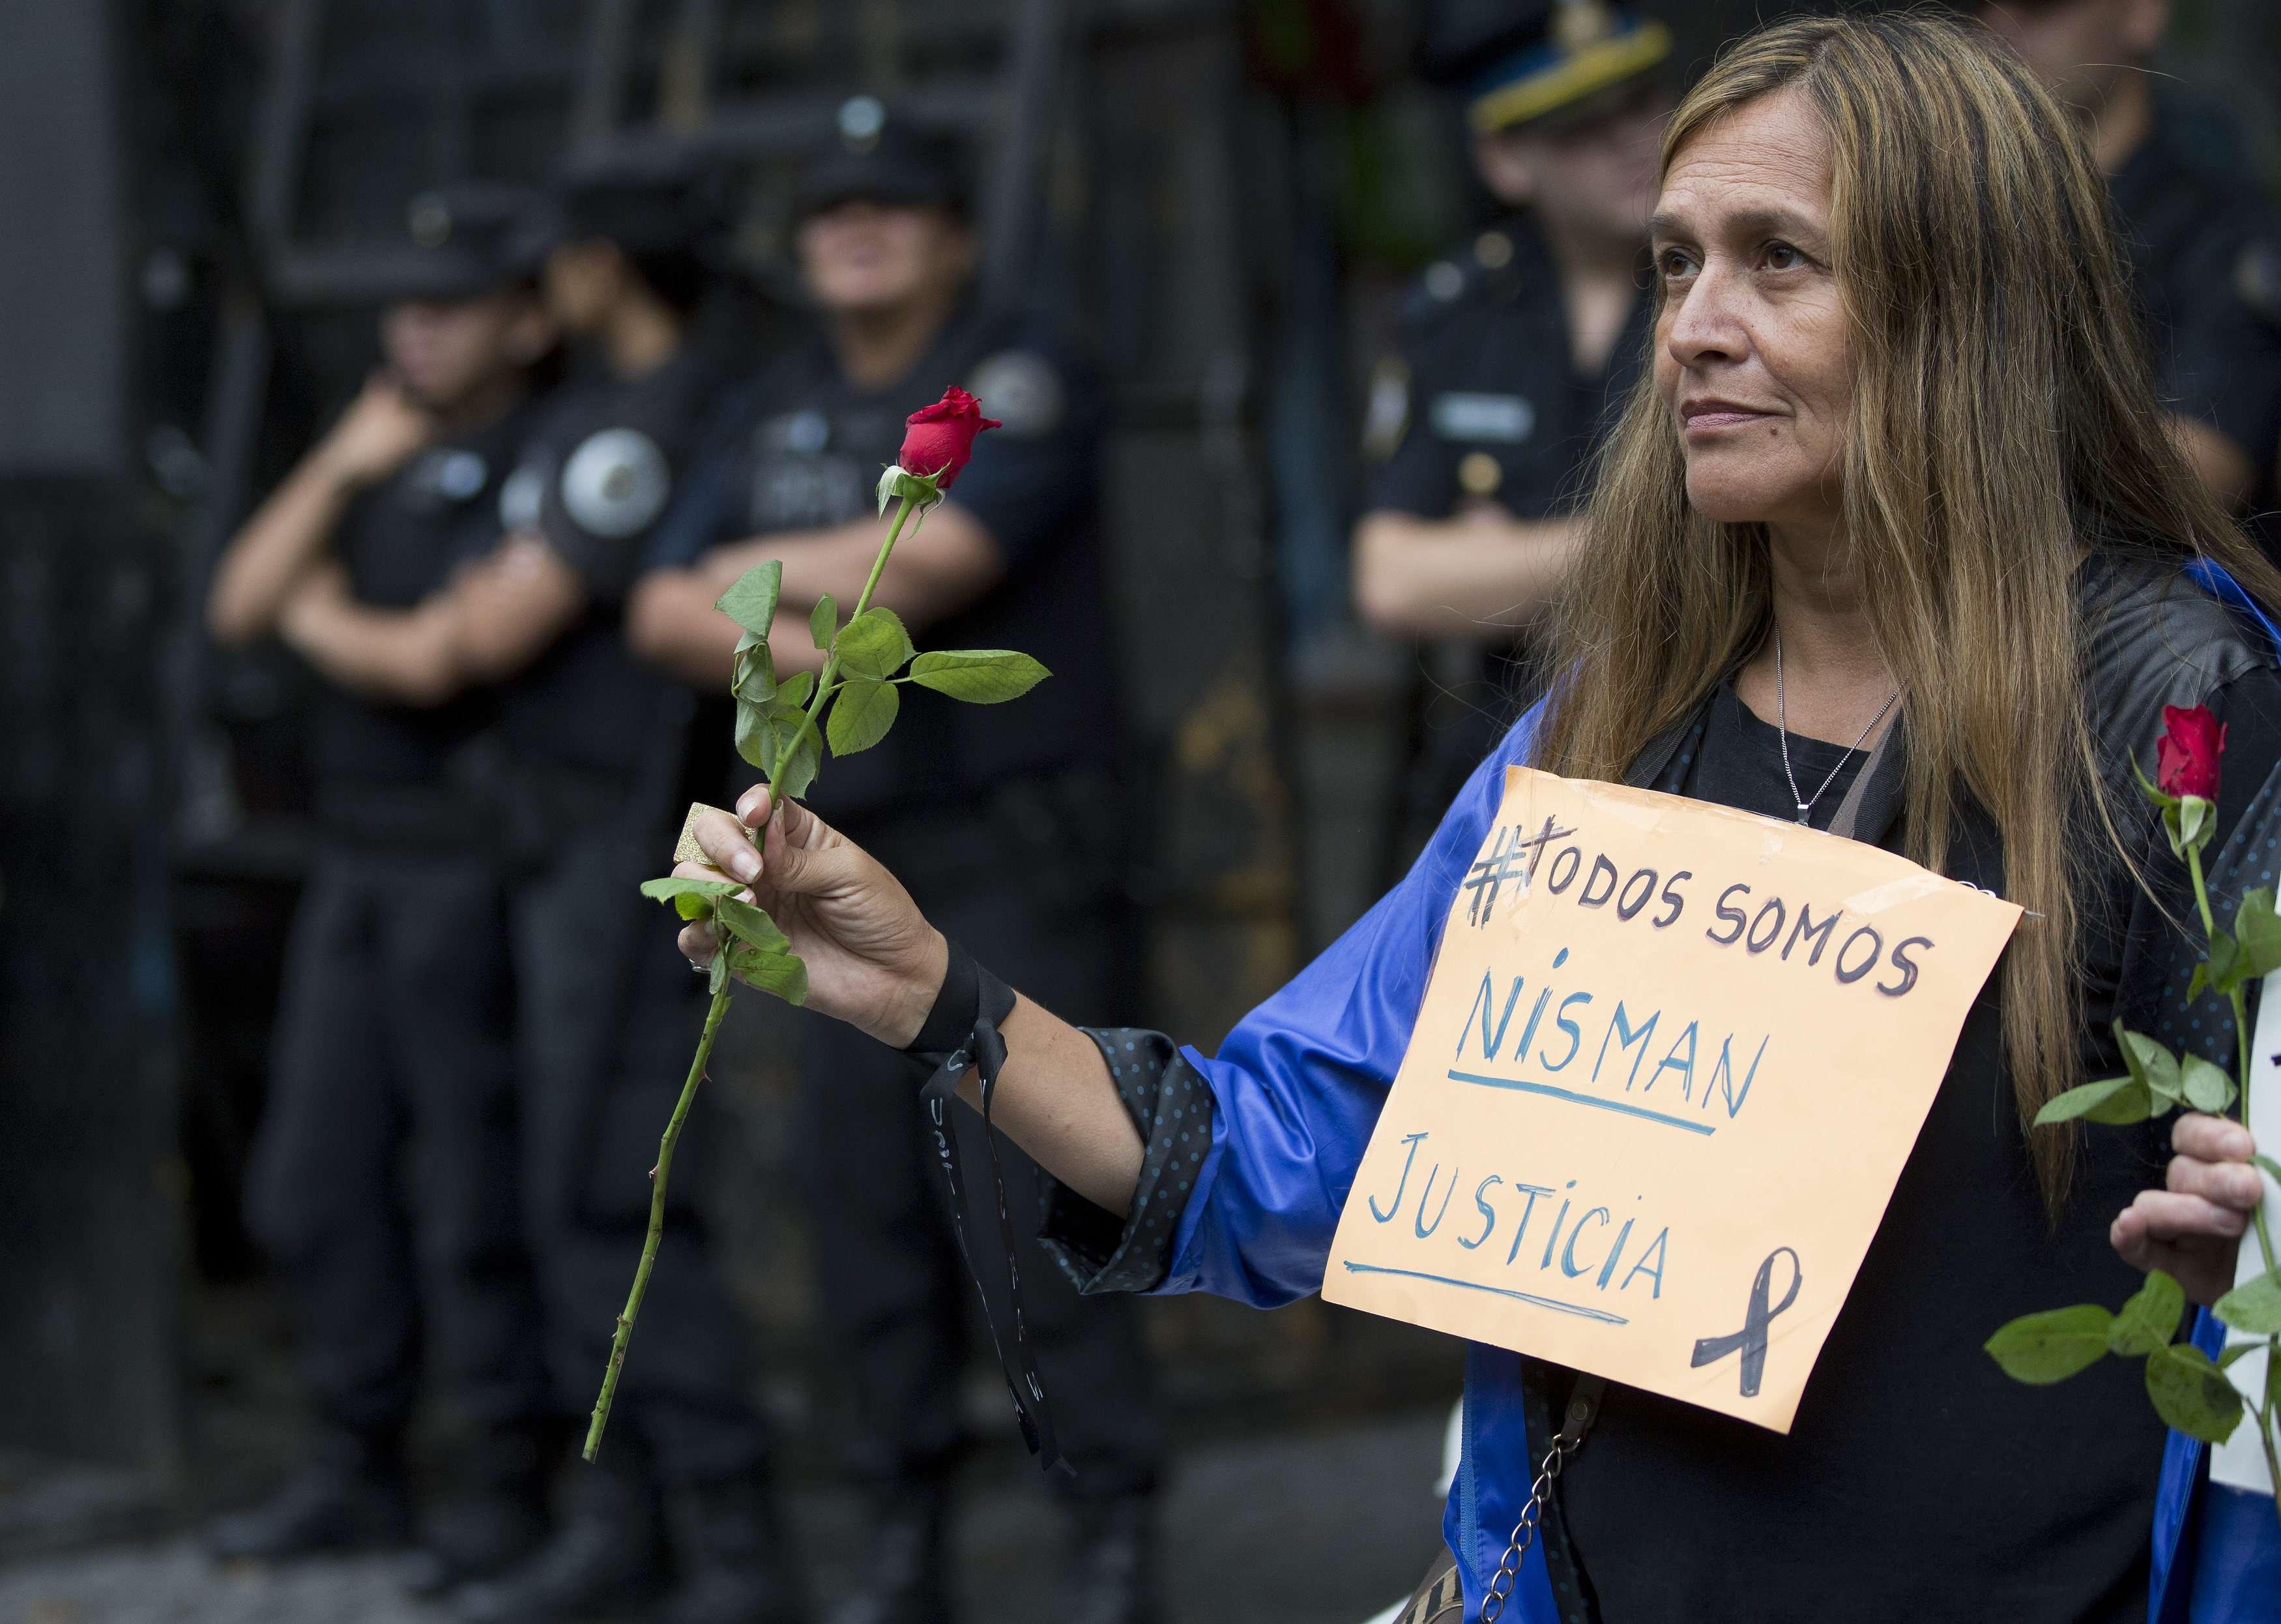 """Um homem carrega um cruz com a frase: """"Somos todos vítimas"""" em referência à misteriosa morte do promotor Alberto Nisman Foto: Rodrigo Abd/AP"""